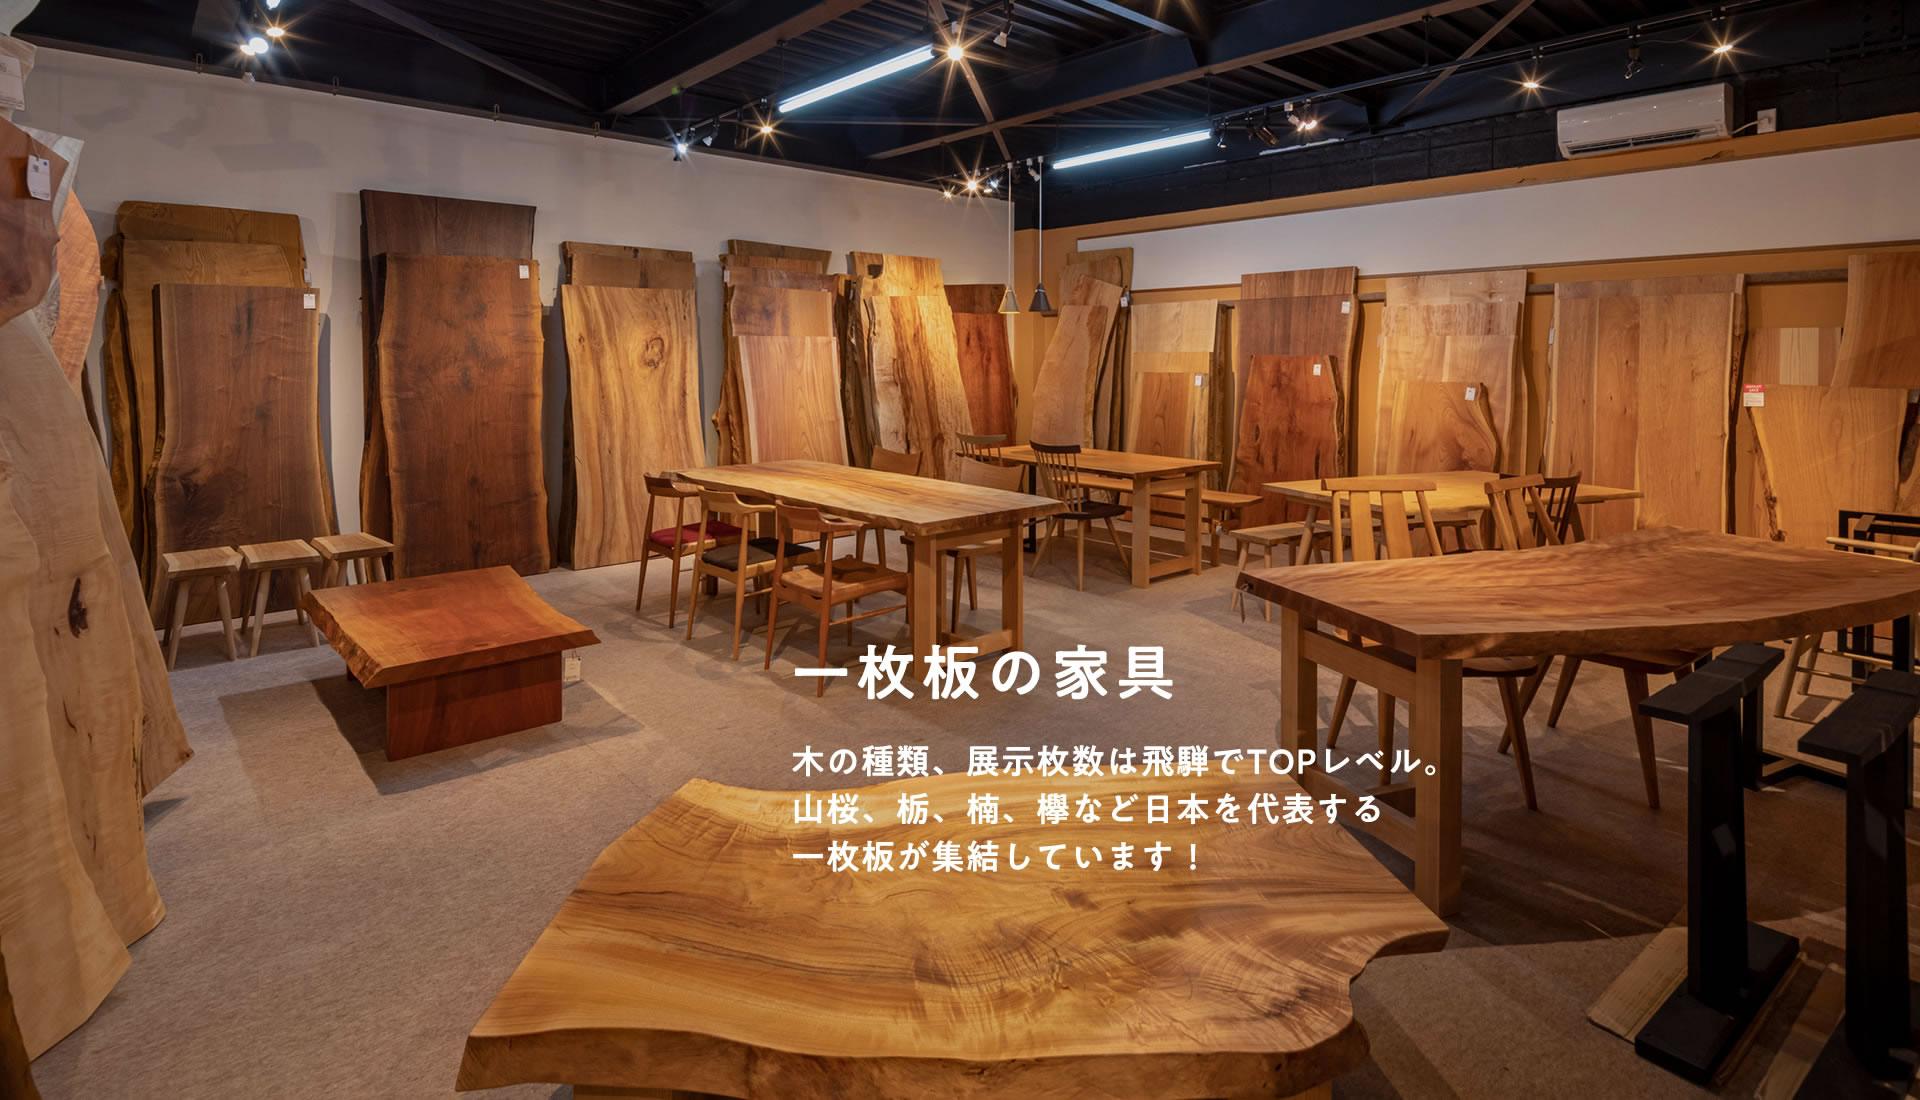 一枚板の家具 木の種類、展示枚数は飛騨でTOPレベル。山桜、栃、楠、欅など日本を代表する一枚板が集結しています!